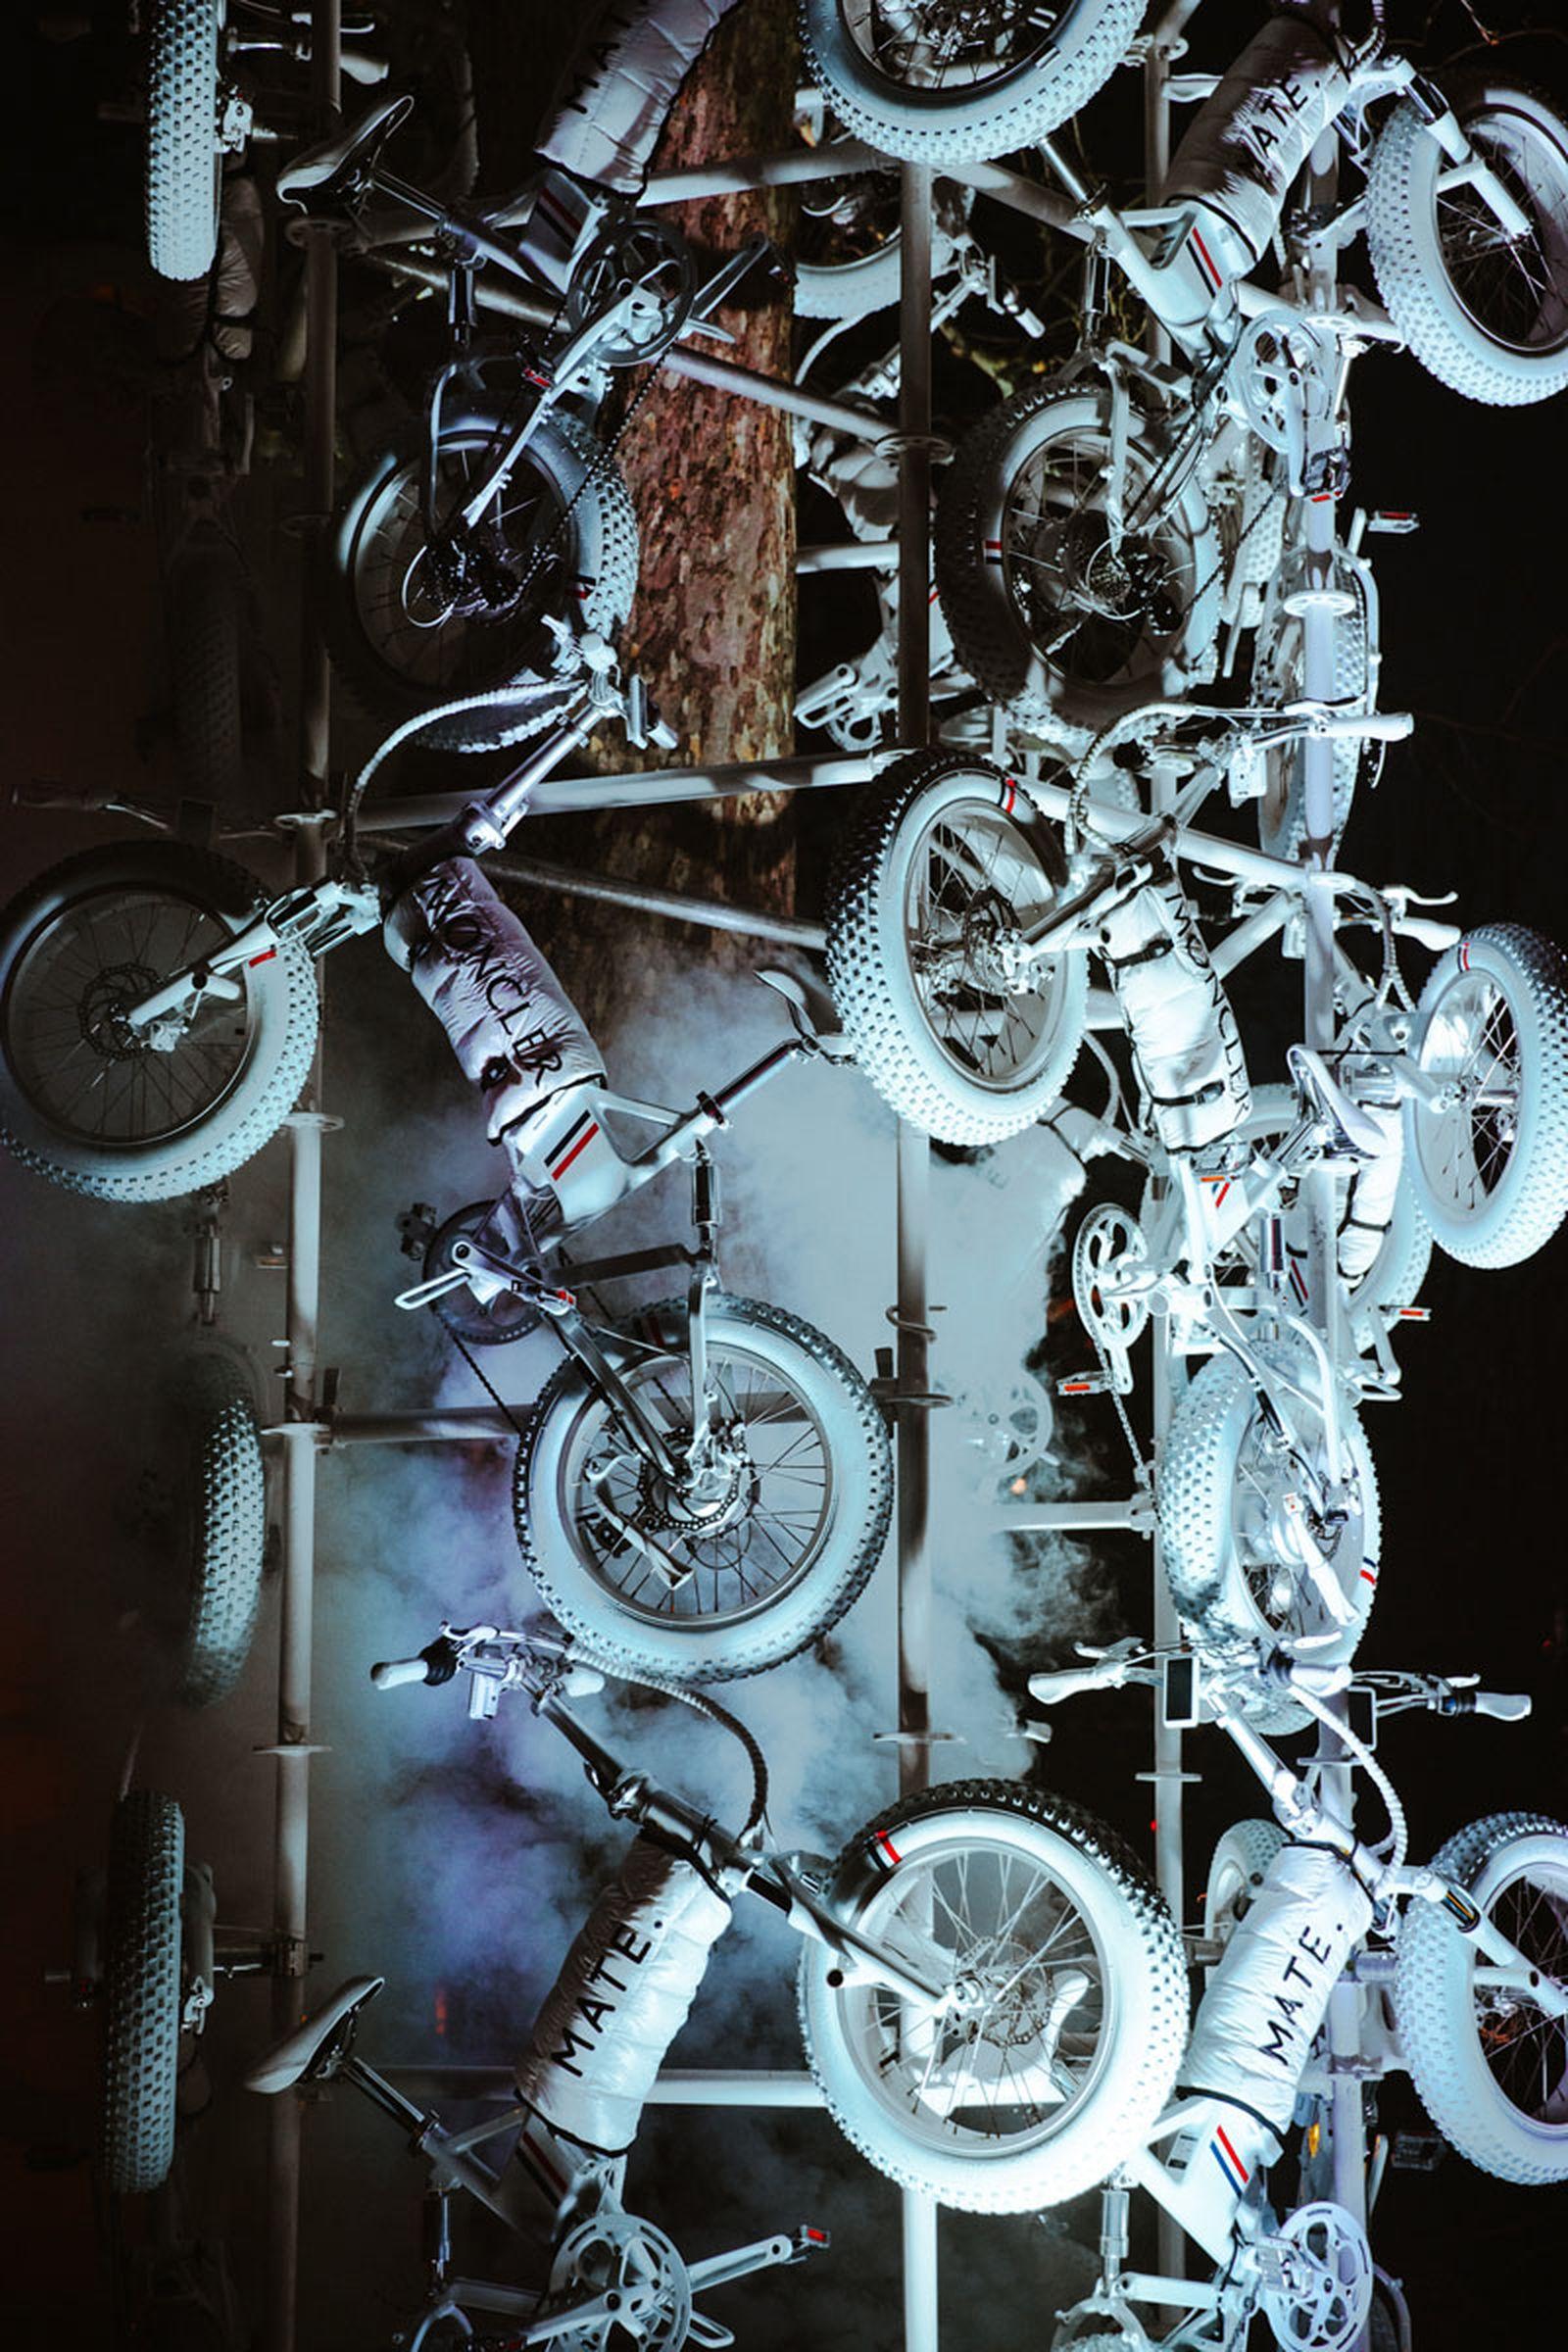 moncler-genius-fall-2020-hiroshi-matte-bike-08